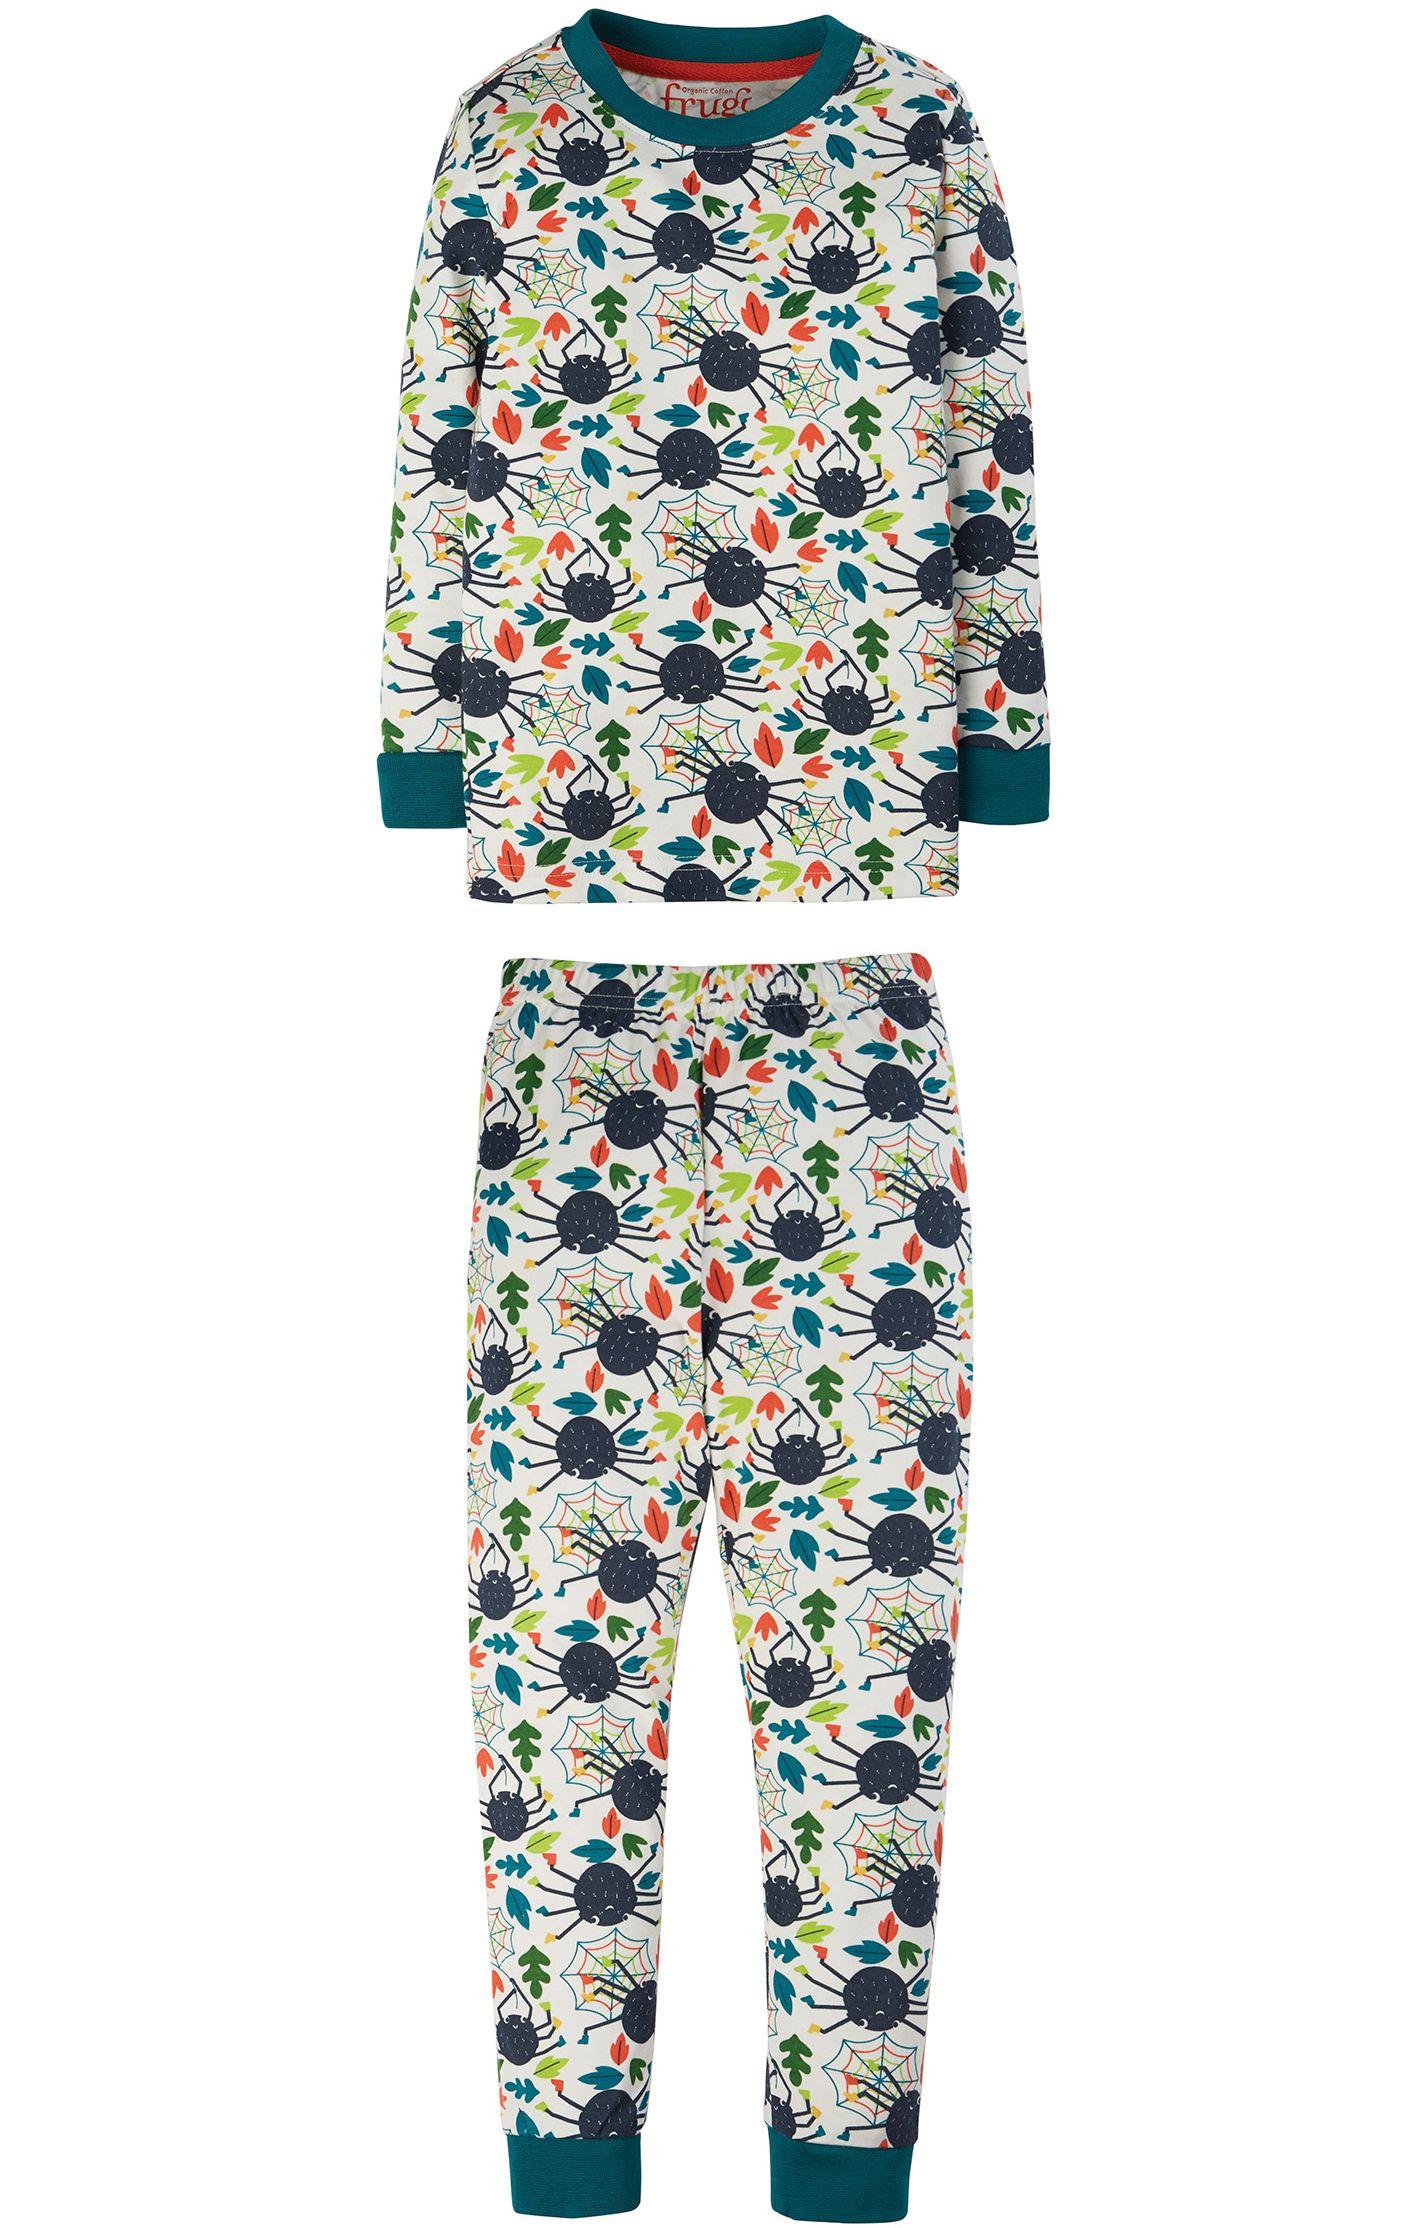 Zweiteiliger Kinder-Schlafanzug mit Spinnen-Print